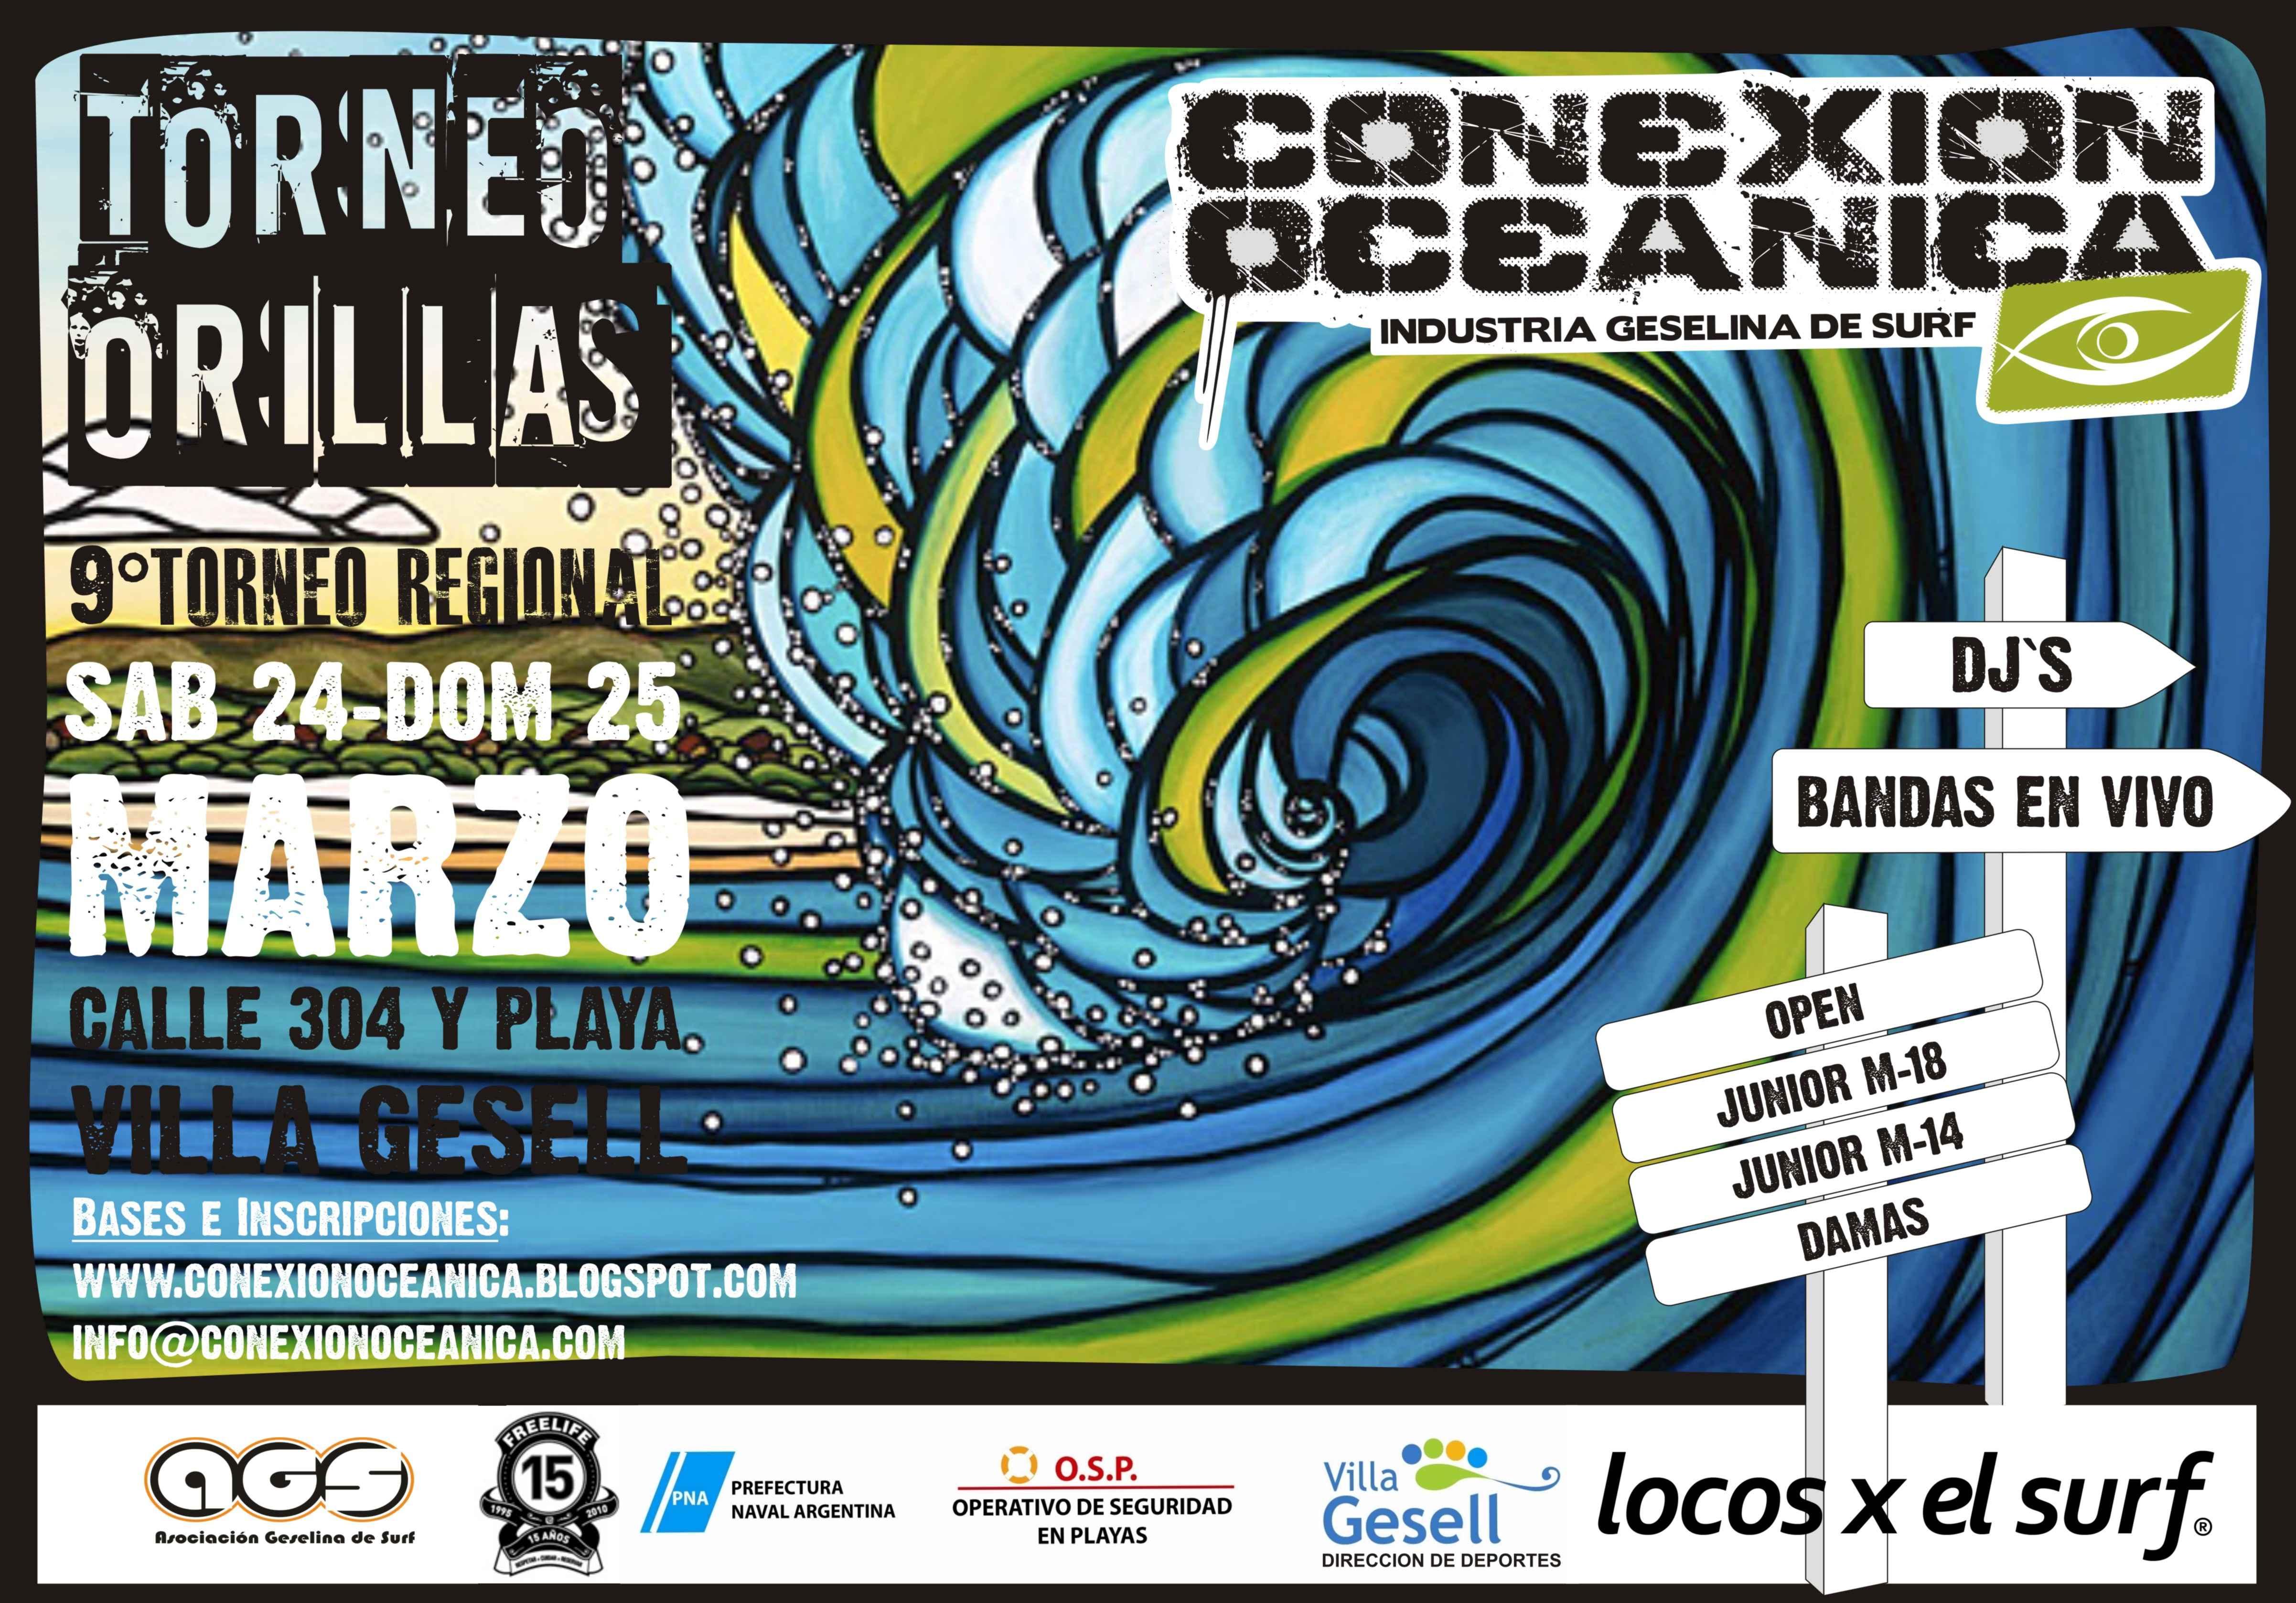 Torneo de Surf Orillas 2012